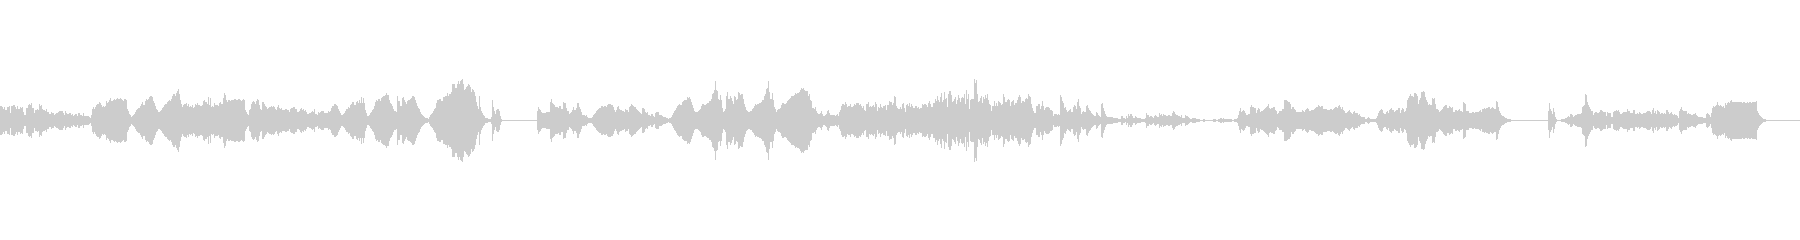 ピアノ・オルガンと弦のアンサンブルの未再生の波形